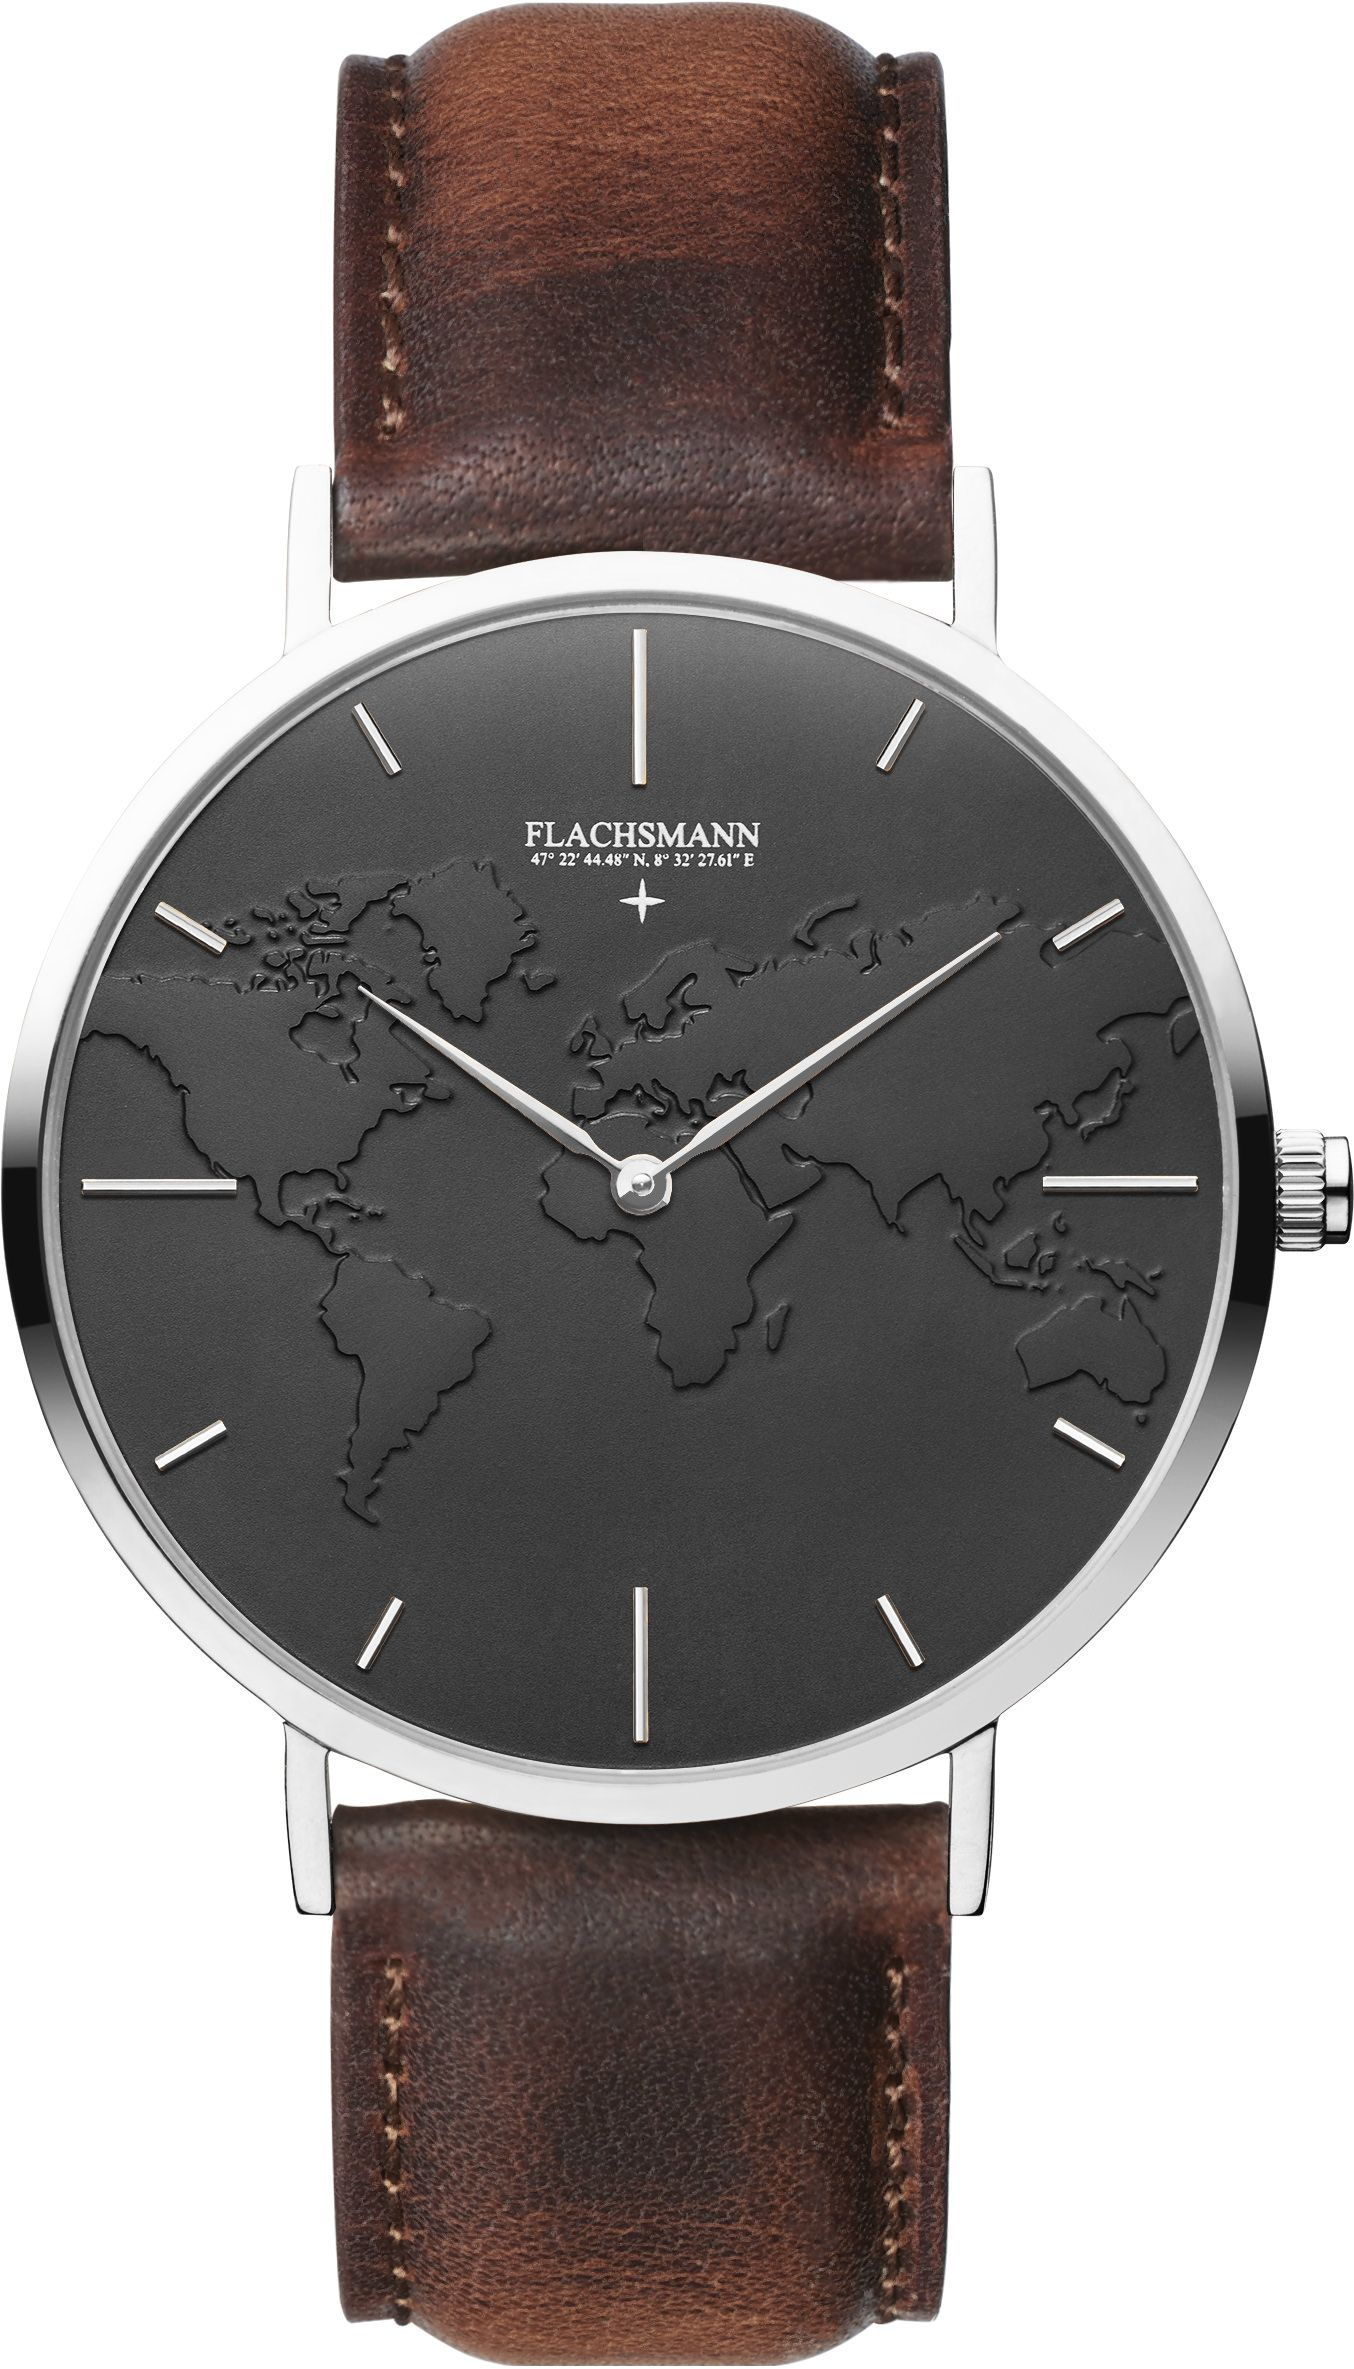 Flachsmann Watches Uhren Herren Und Uhren